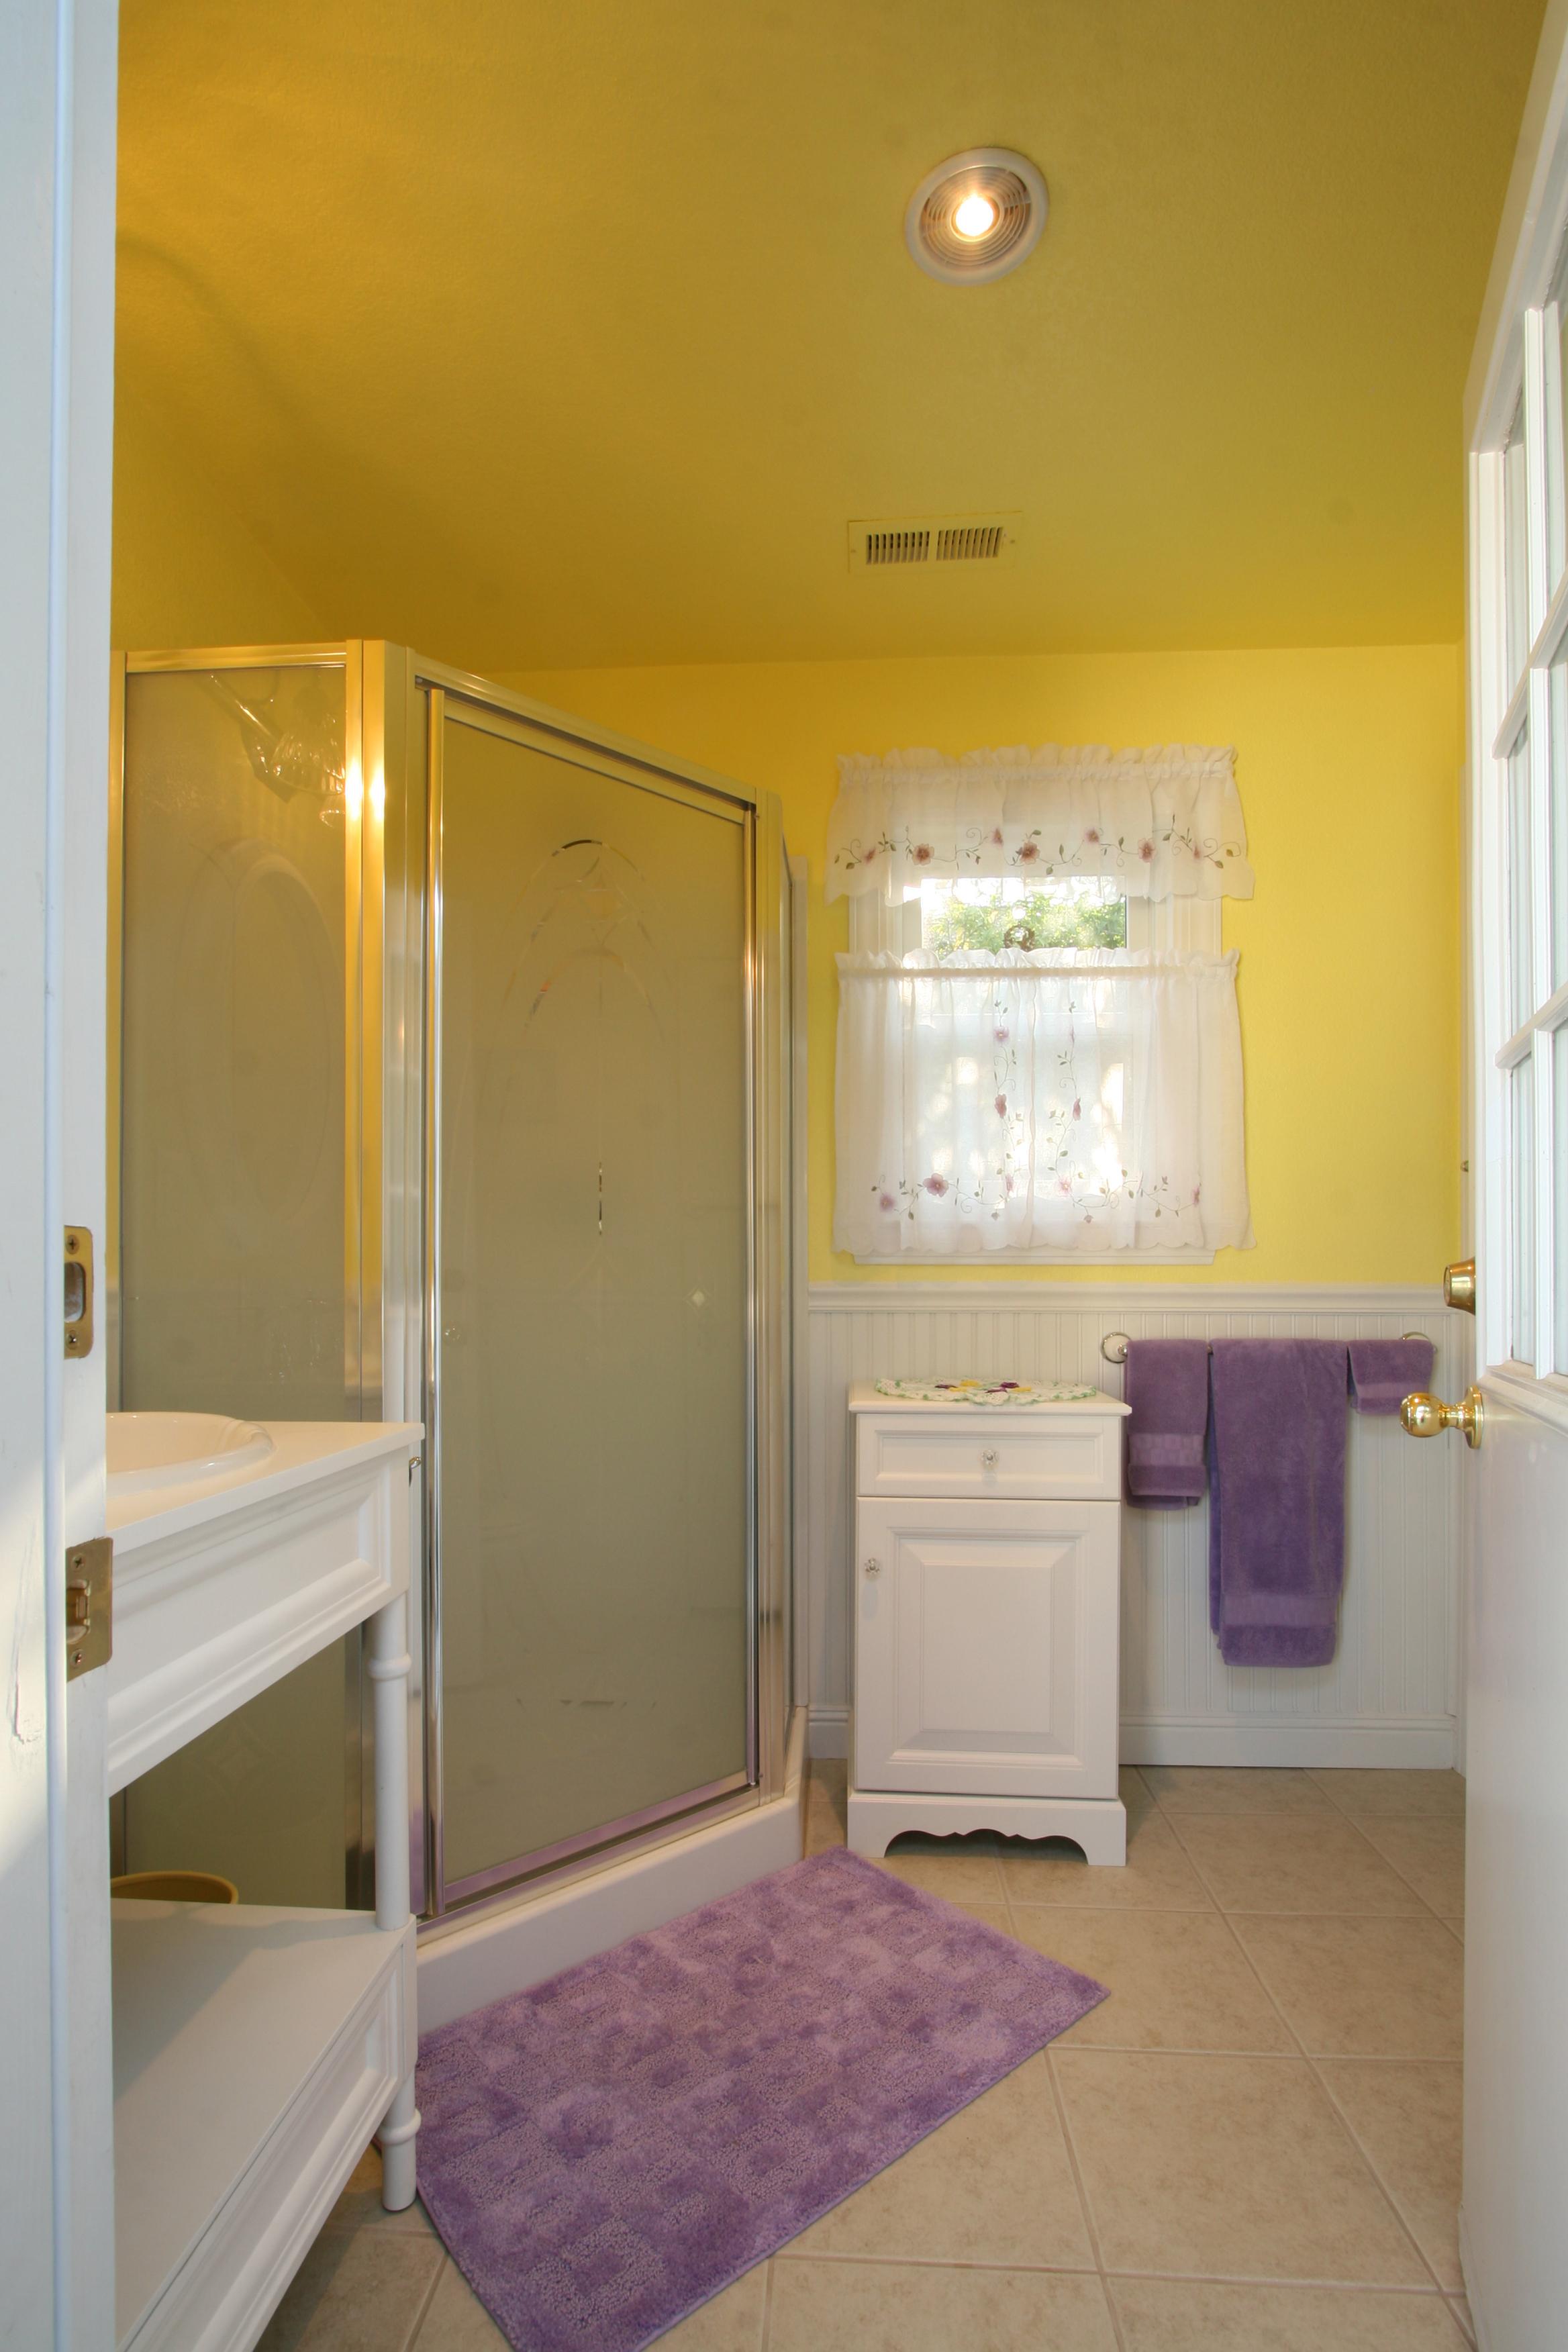 Bathroom Remodel With Atlas Shower Glass Door Flickr